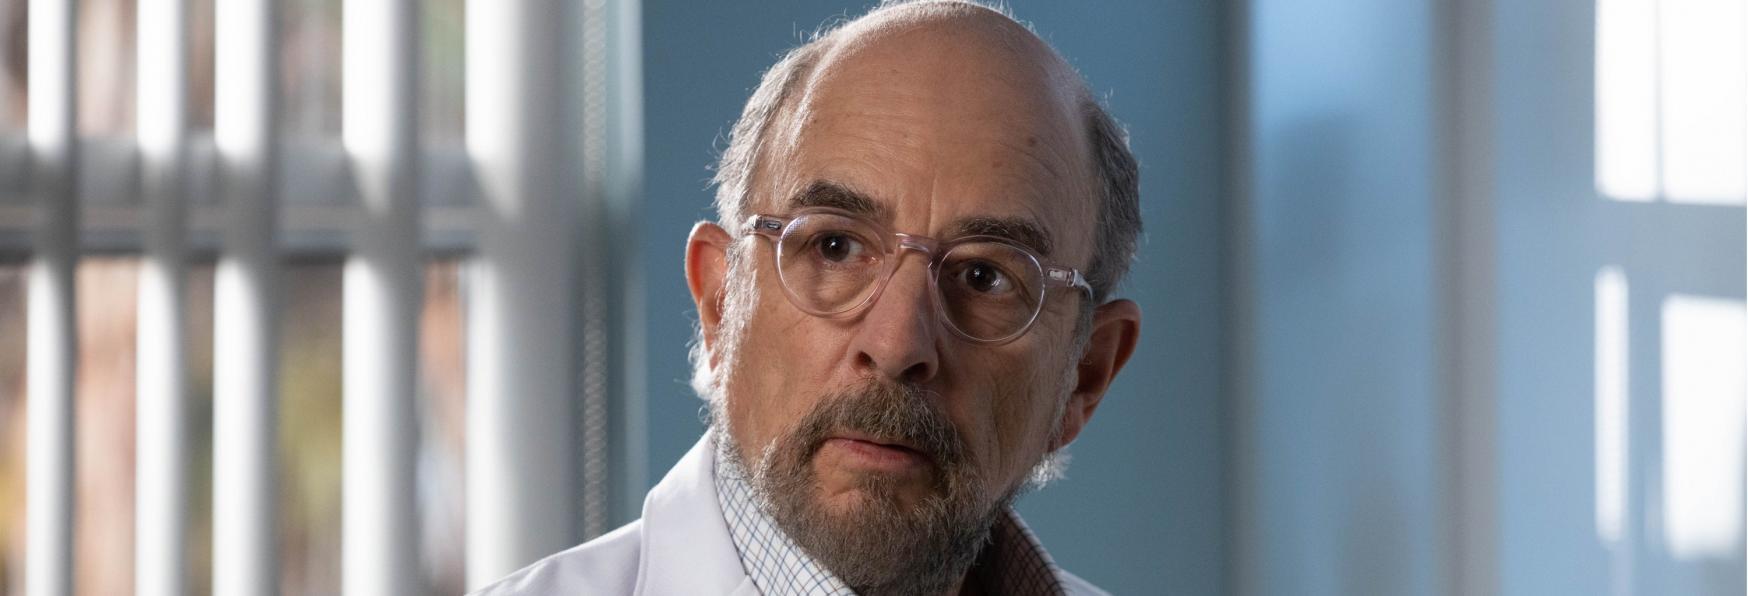 The Good Doctor: Richard Schiff positivo al COVID-19 ma le Riprese continuano